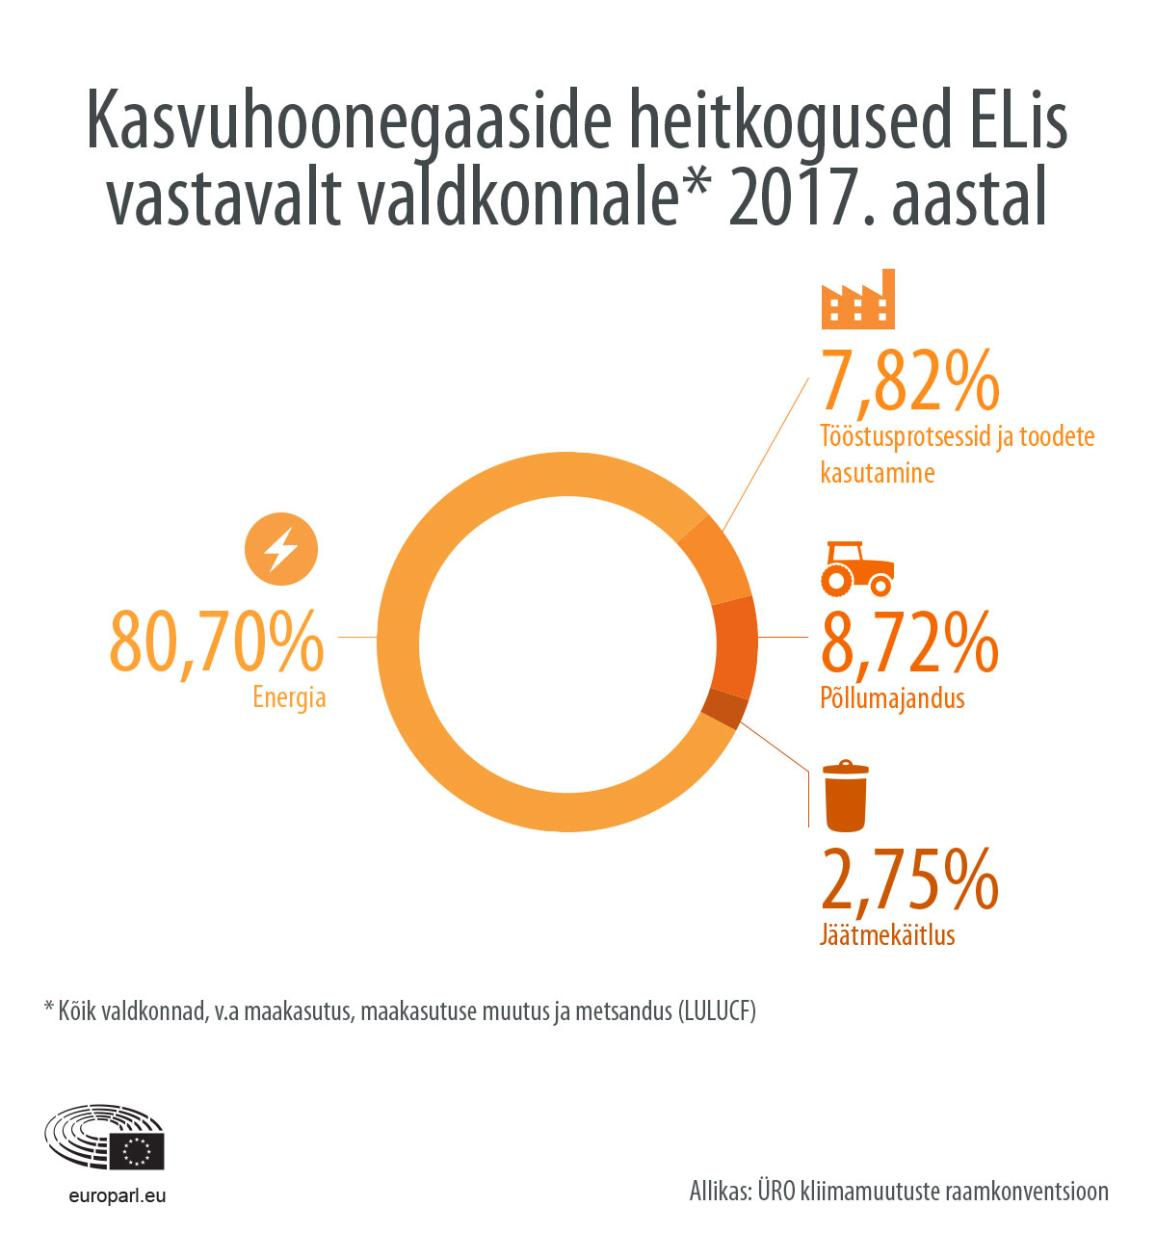 Kasvuhoonegaaside heitekoguste infograafik ELis vastavalt valdkonnale 2017. aastal